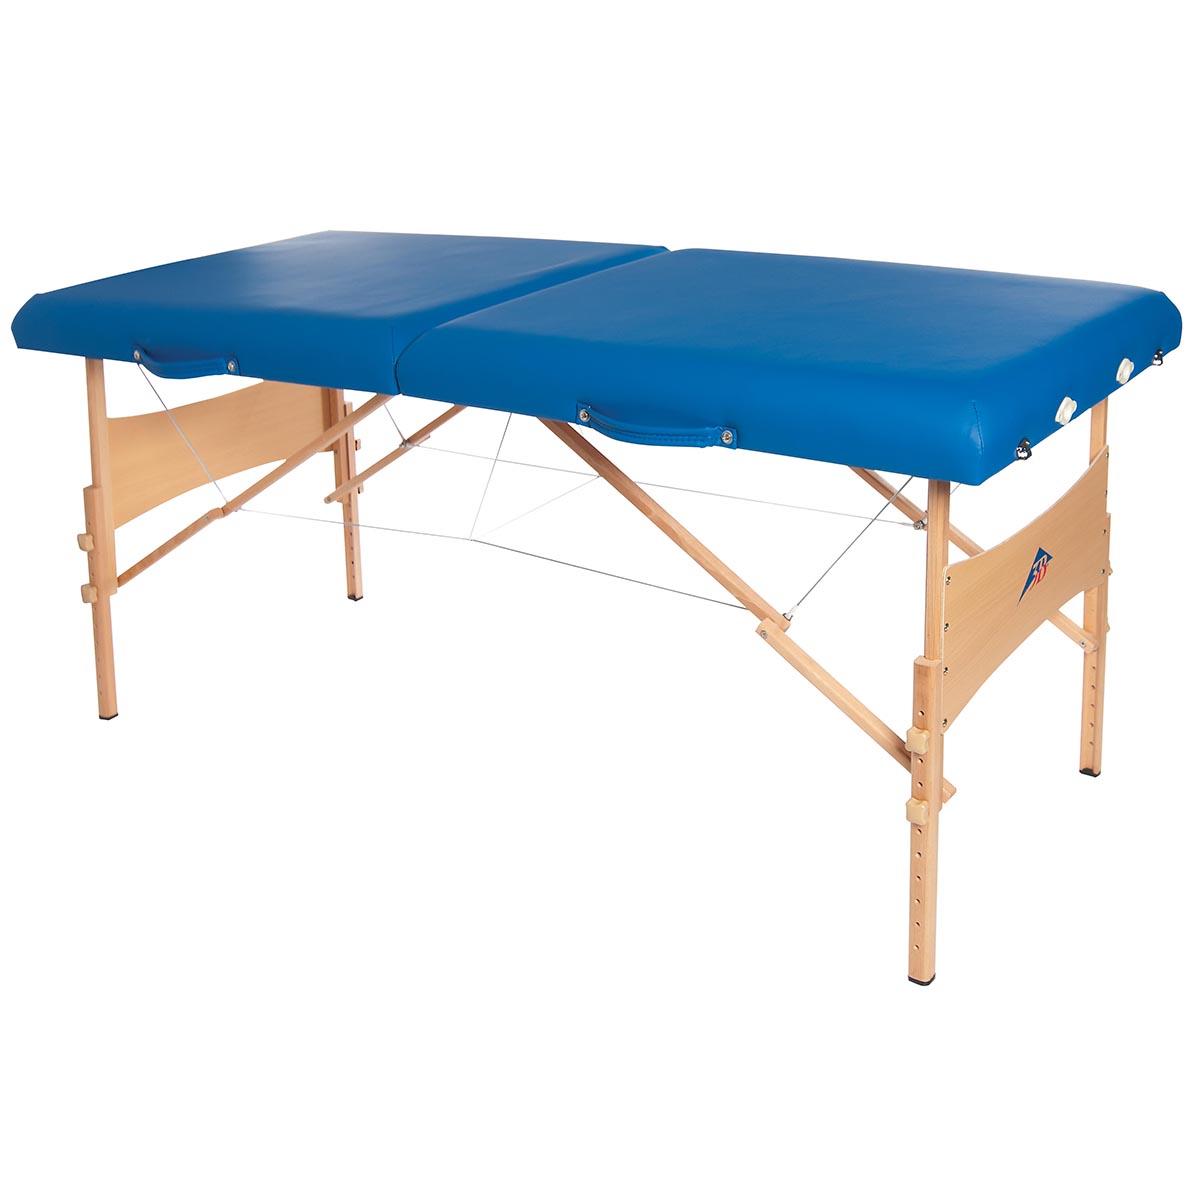 Lettino per massaggi portatile in legno, modello deluxe - azzurro - 1013727 - W60602B ...